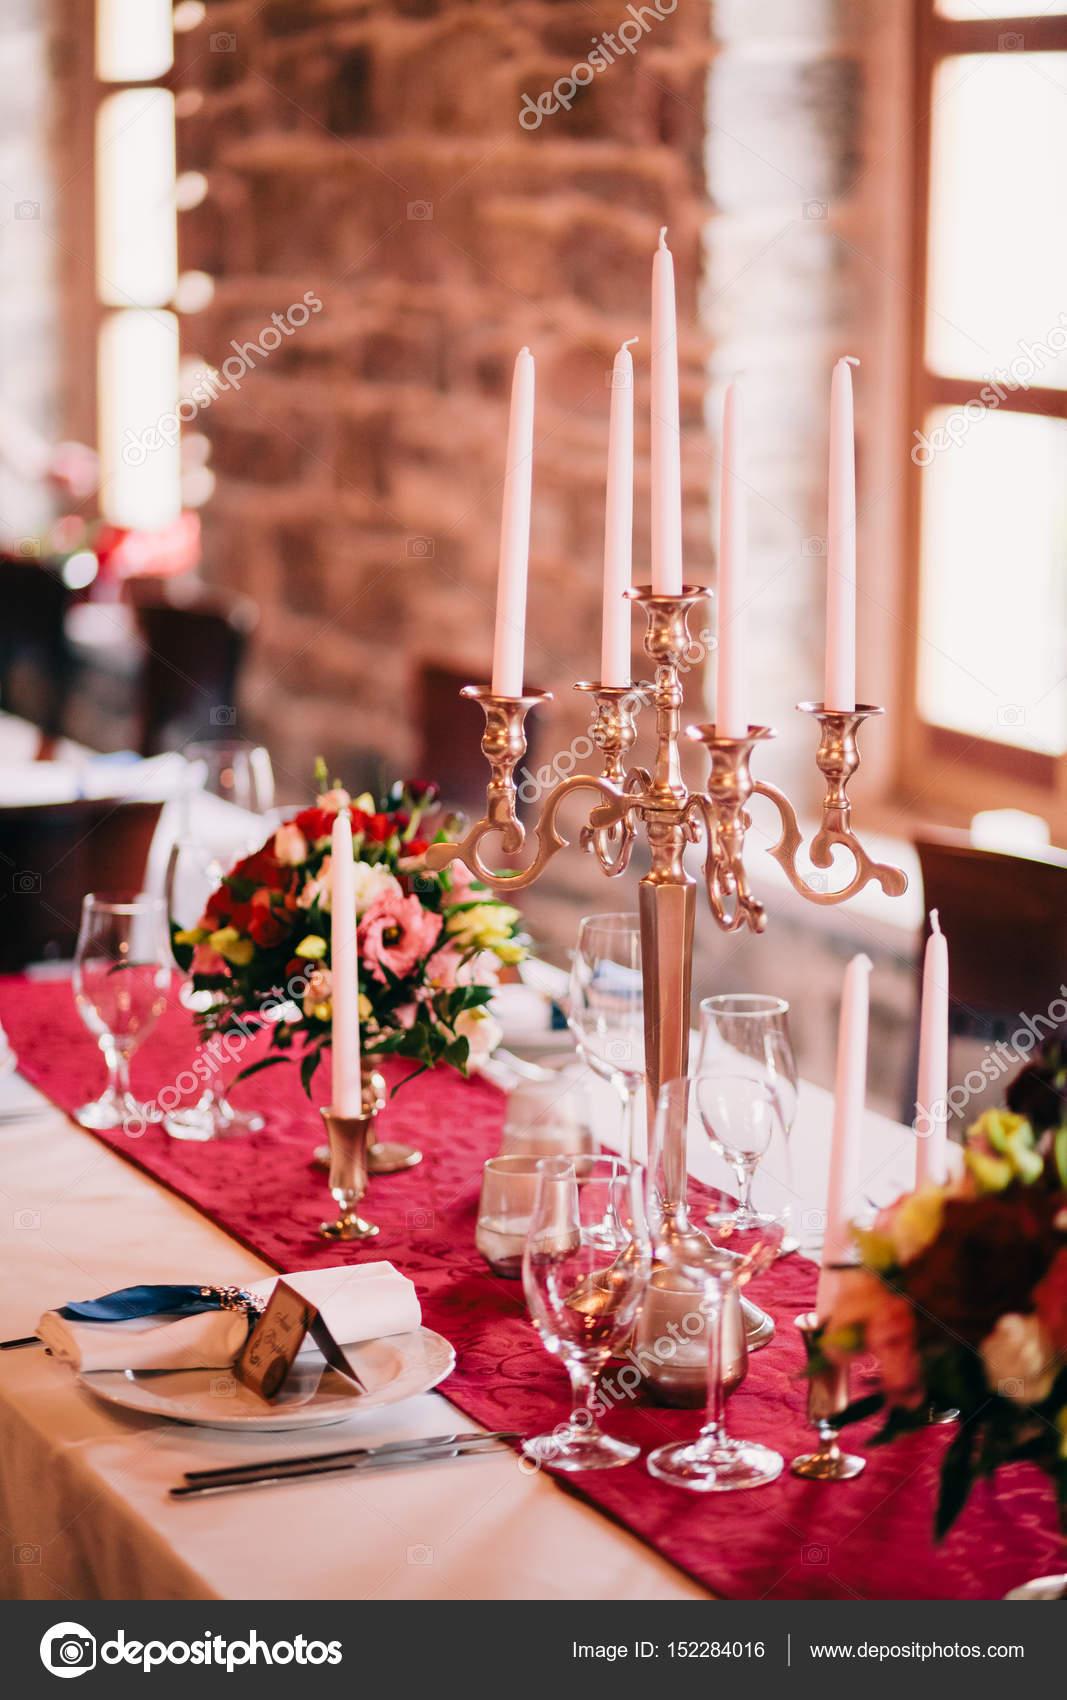 Fesselnd Hochzeit Tisch Herzstück U2014 Stockfoto